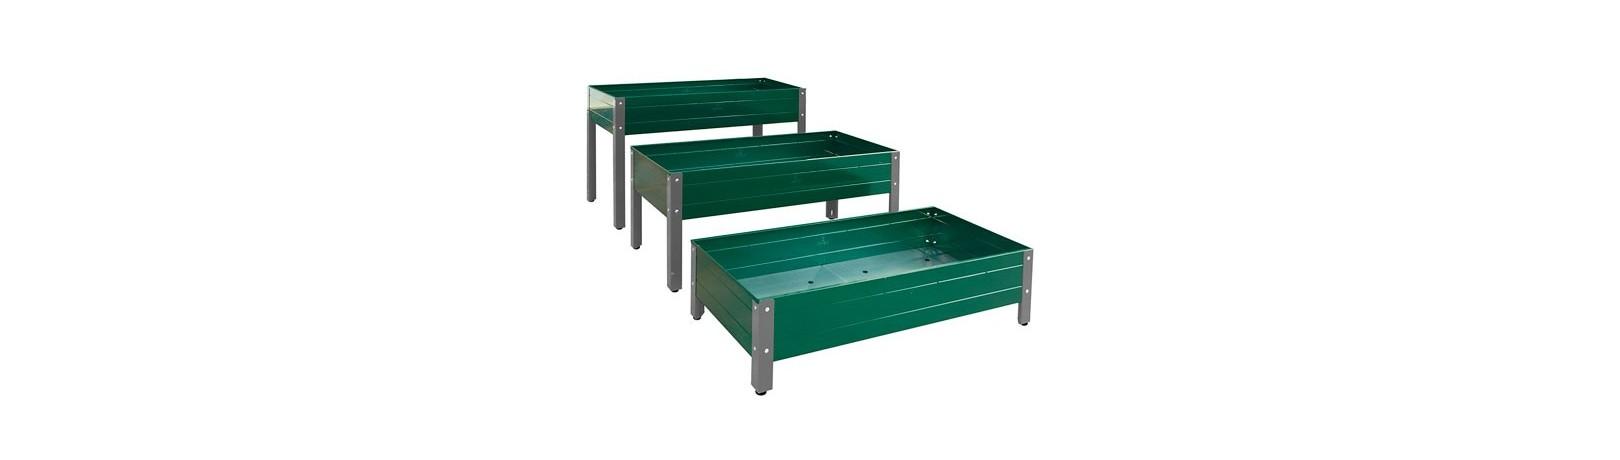 Fabricante de mesas de cultivo